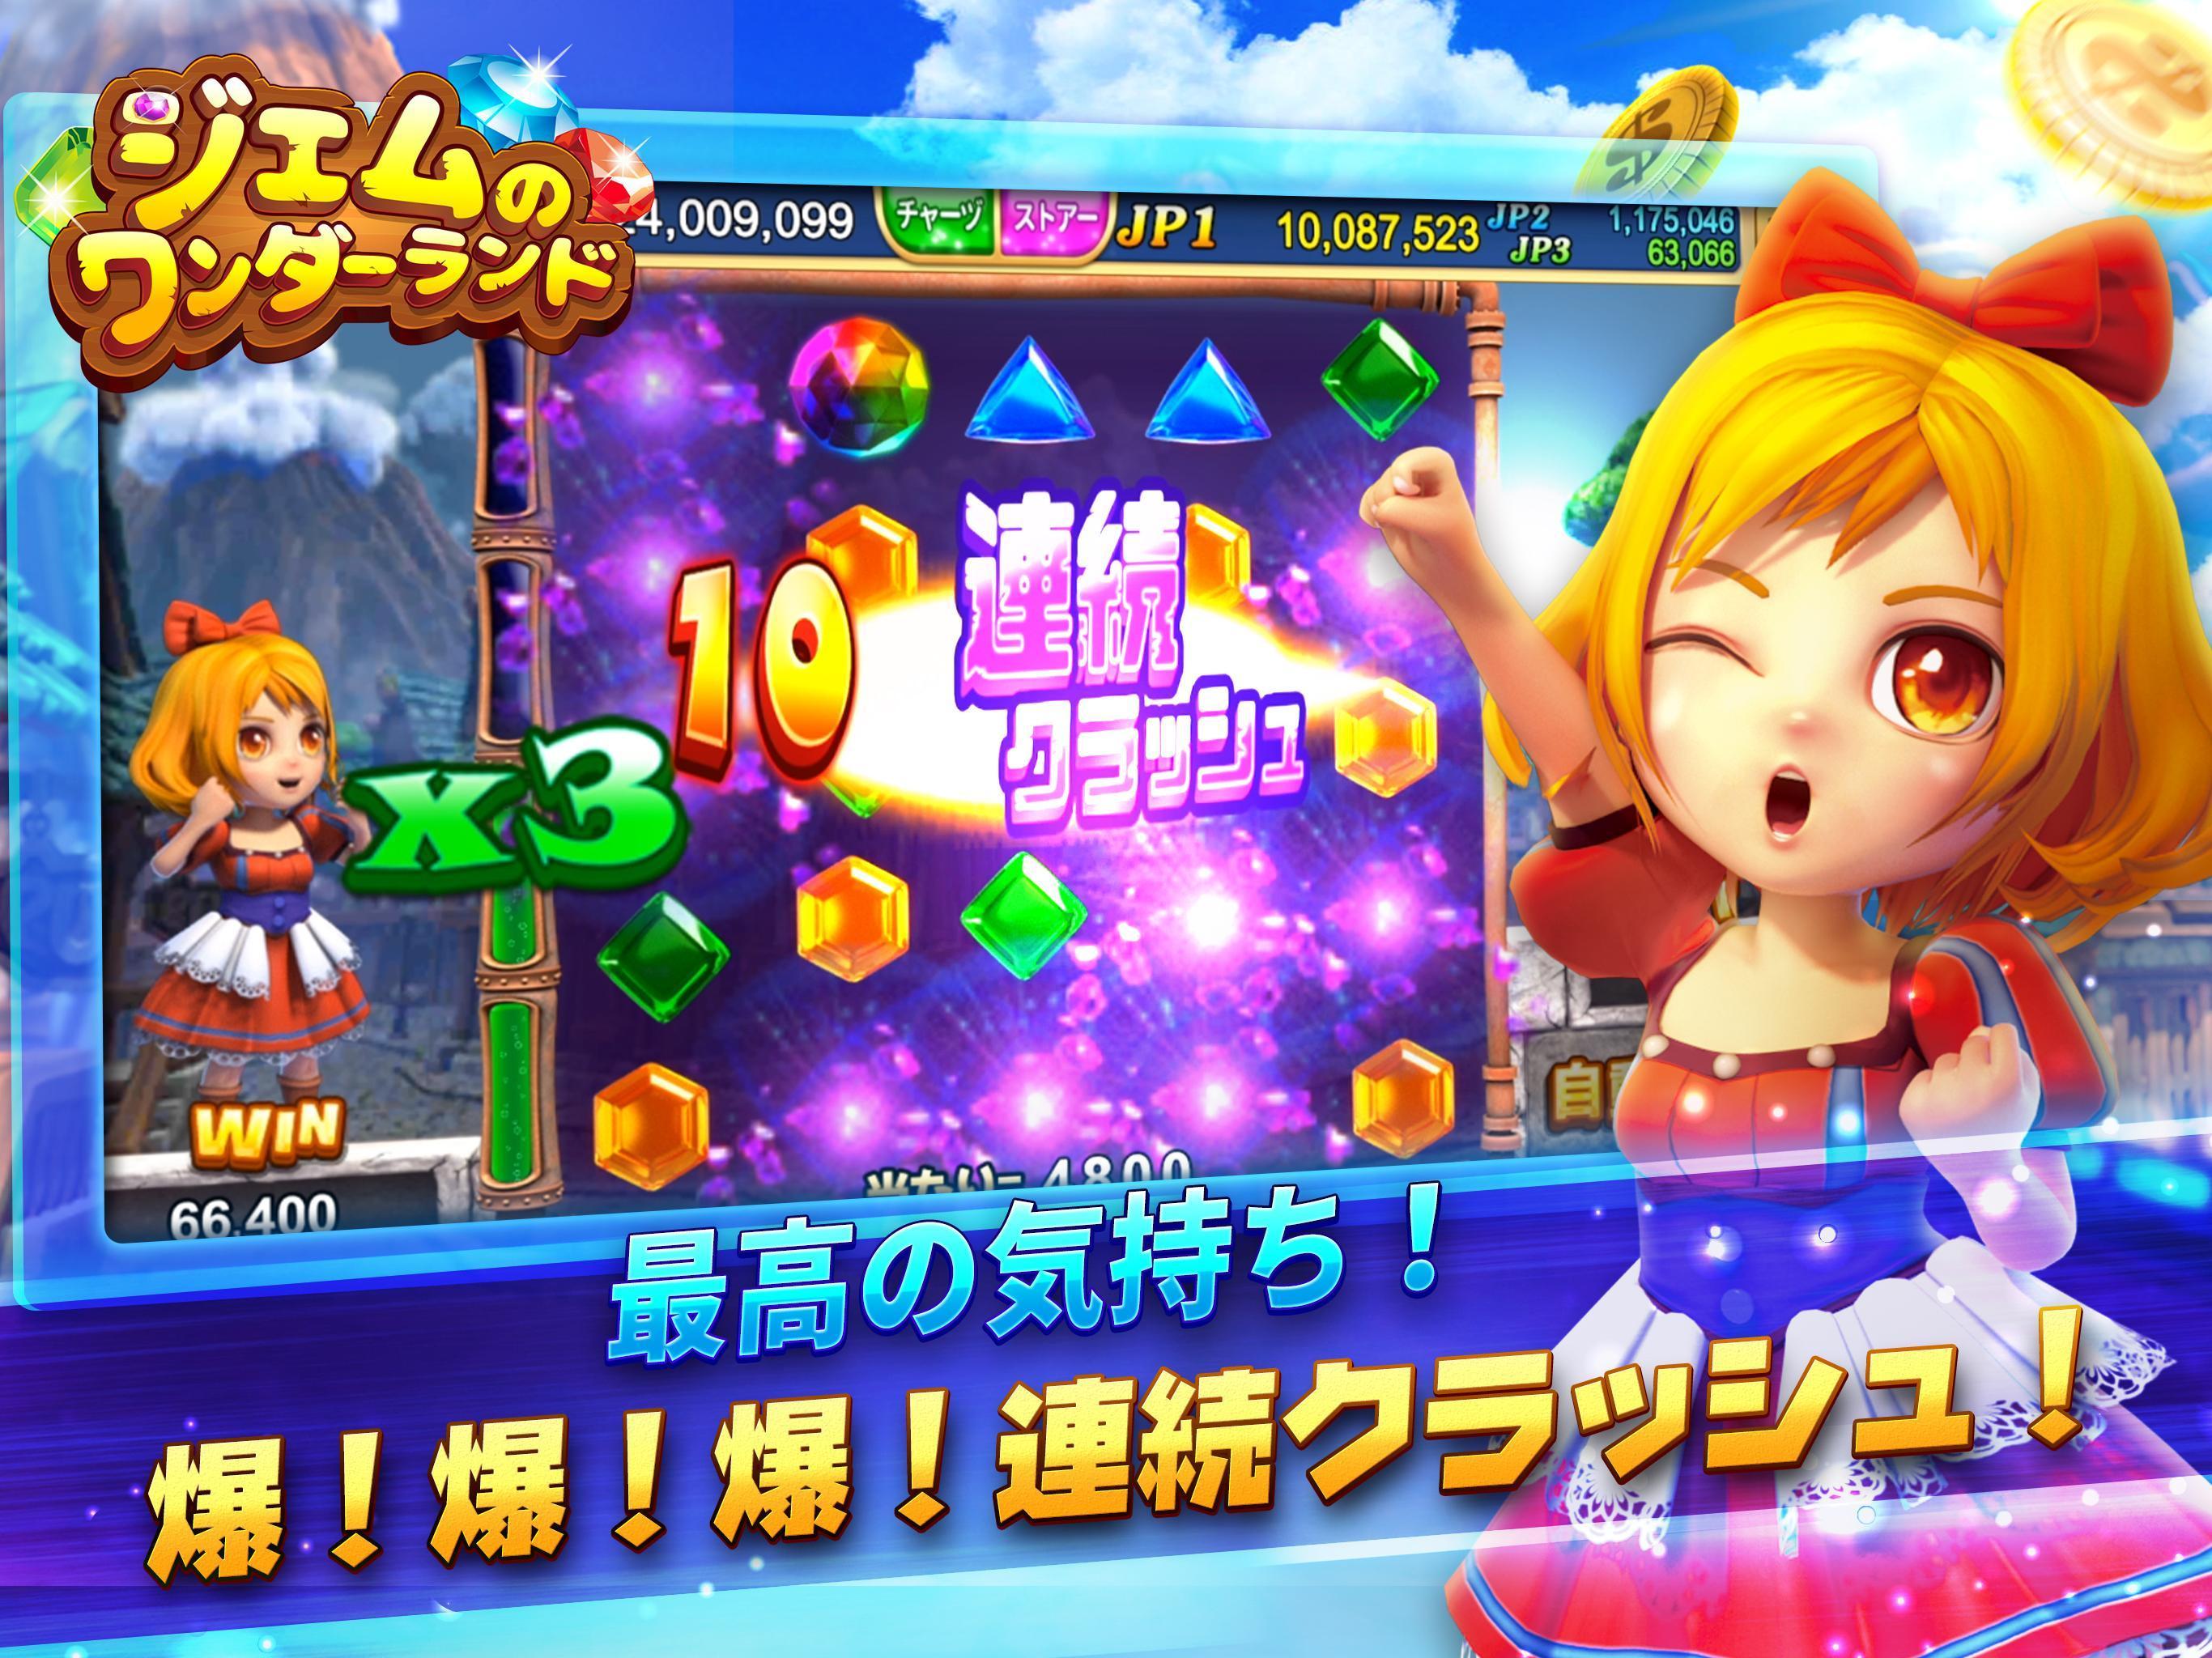 スーパーラッキーカジノ ~ オーシャンモンスター、スロット、サイコロ、ポーカー 3.14.1 Screenshot 10